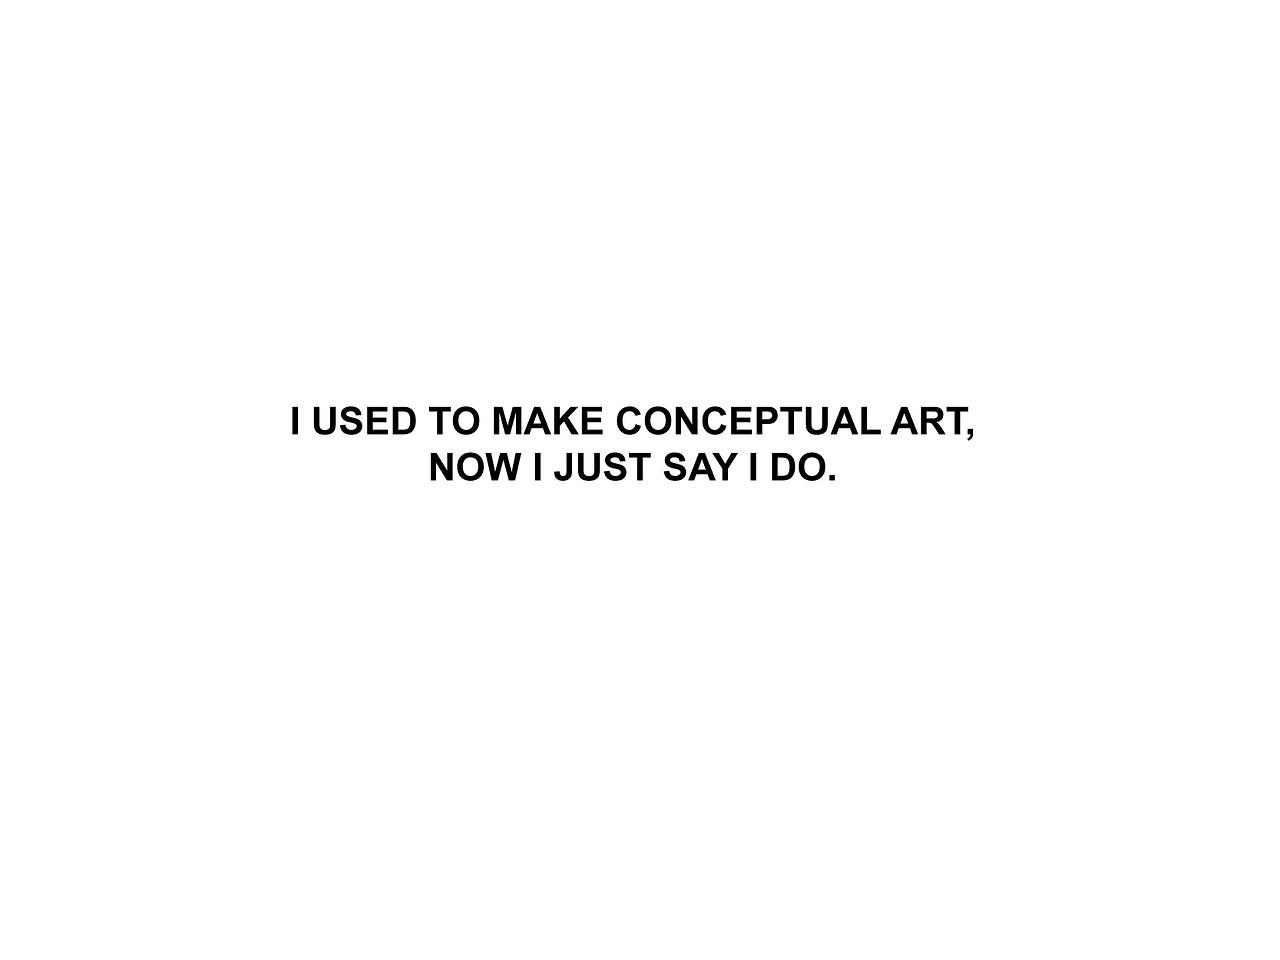 I just say I do